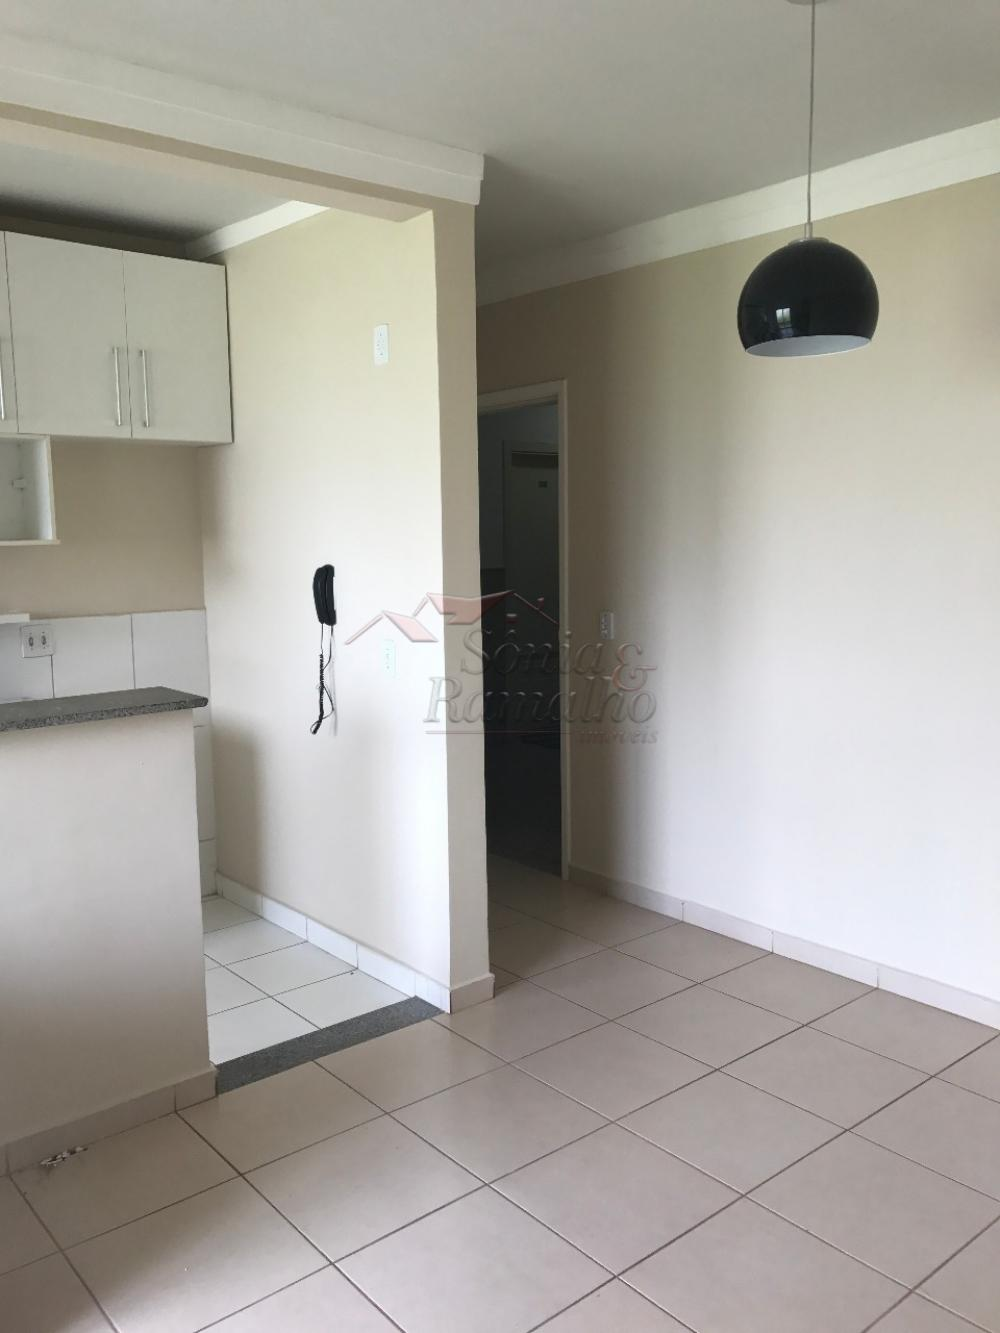 Comprar Apartamentos / Padrão em Ribeirão Preto apenas R$ 280.000,00 - Foto 7